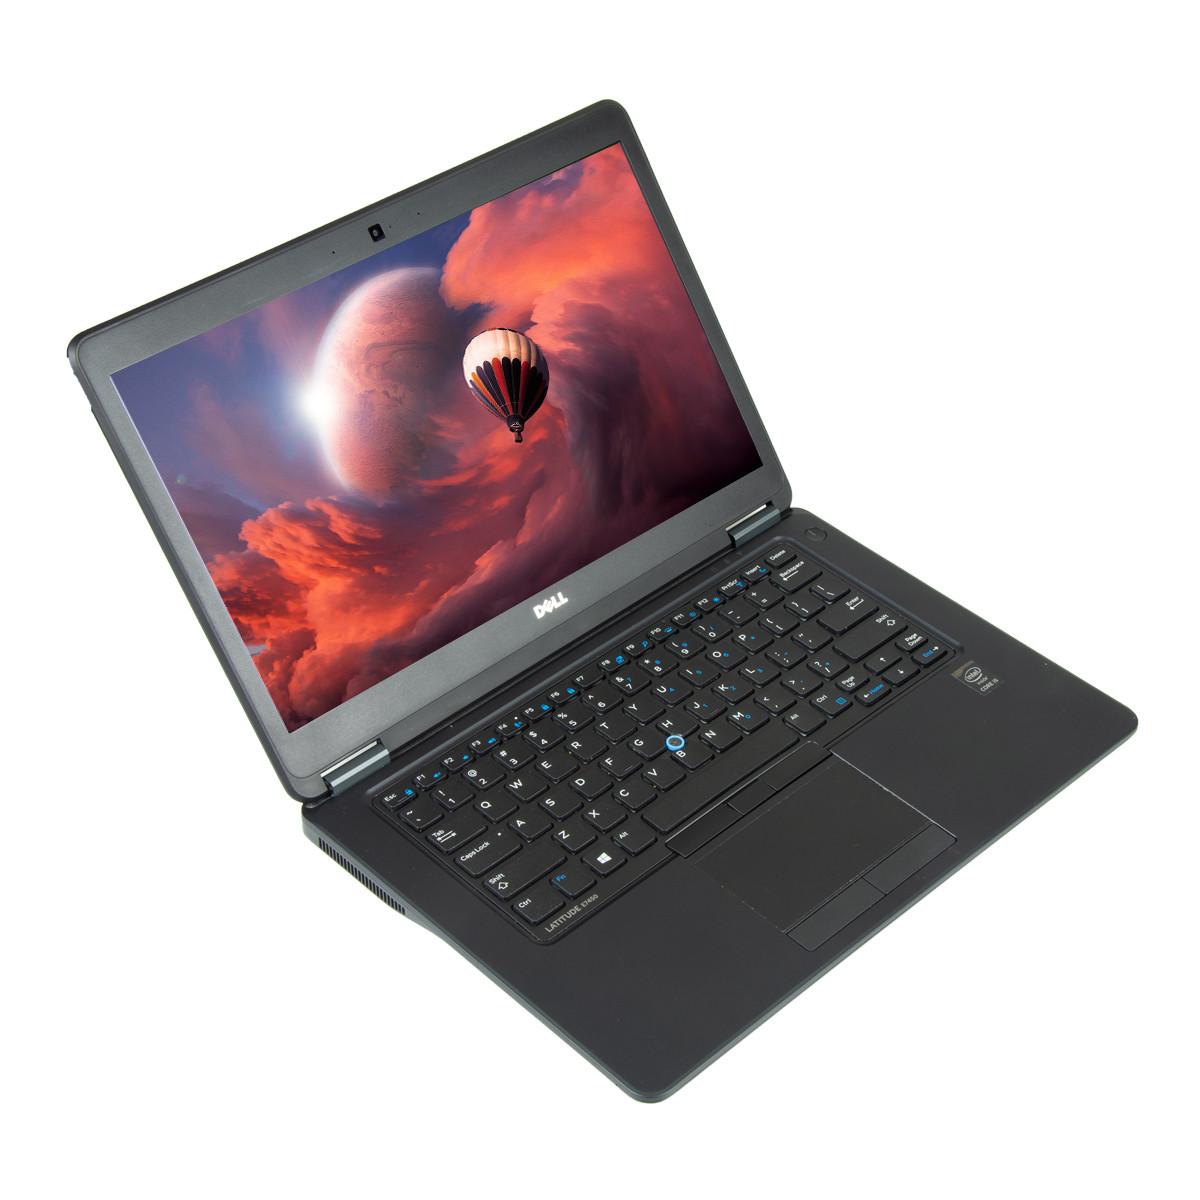 Dell Latitude E7450 14 inch LED, Intel Core i5-5300U 2 30 GHz, 8 GB DDR 3,  256 GB SSD, Webcam